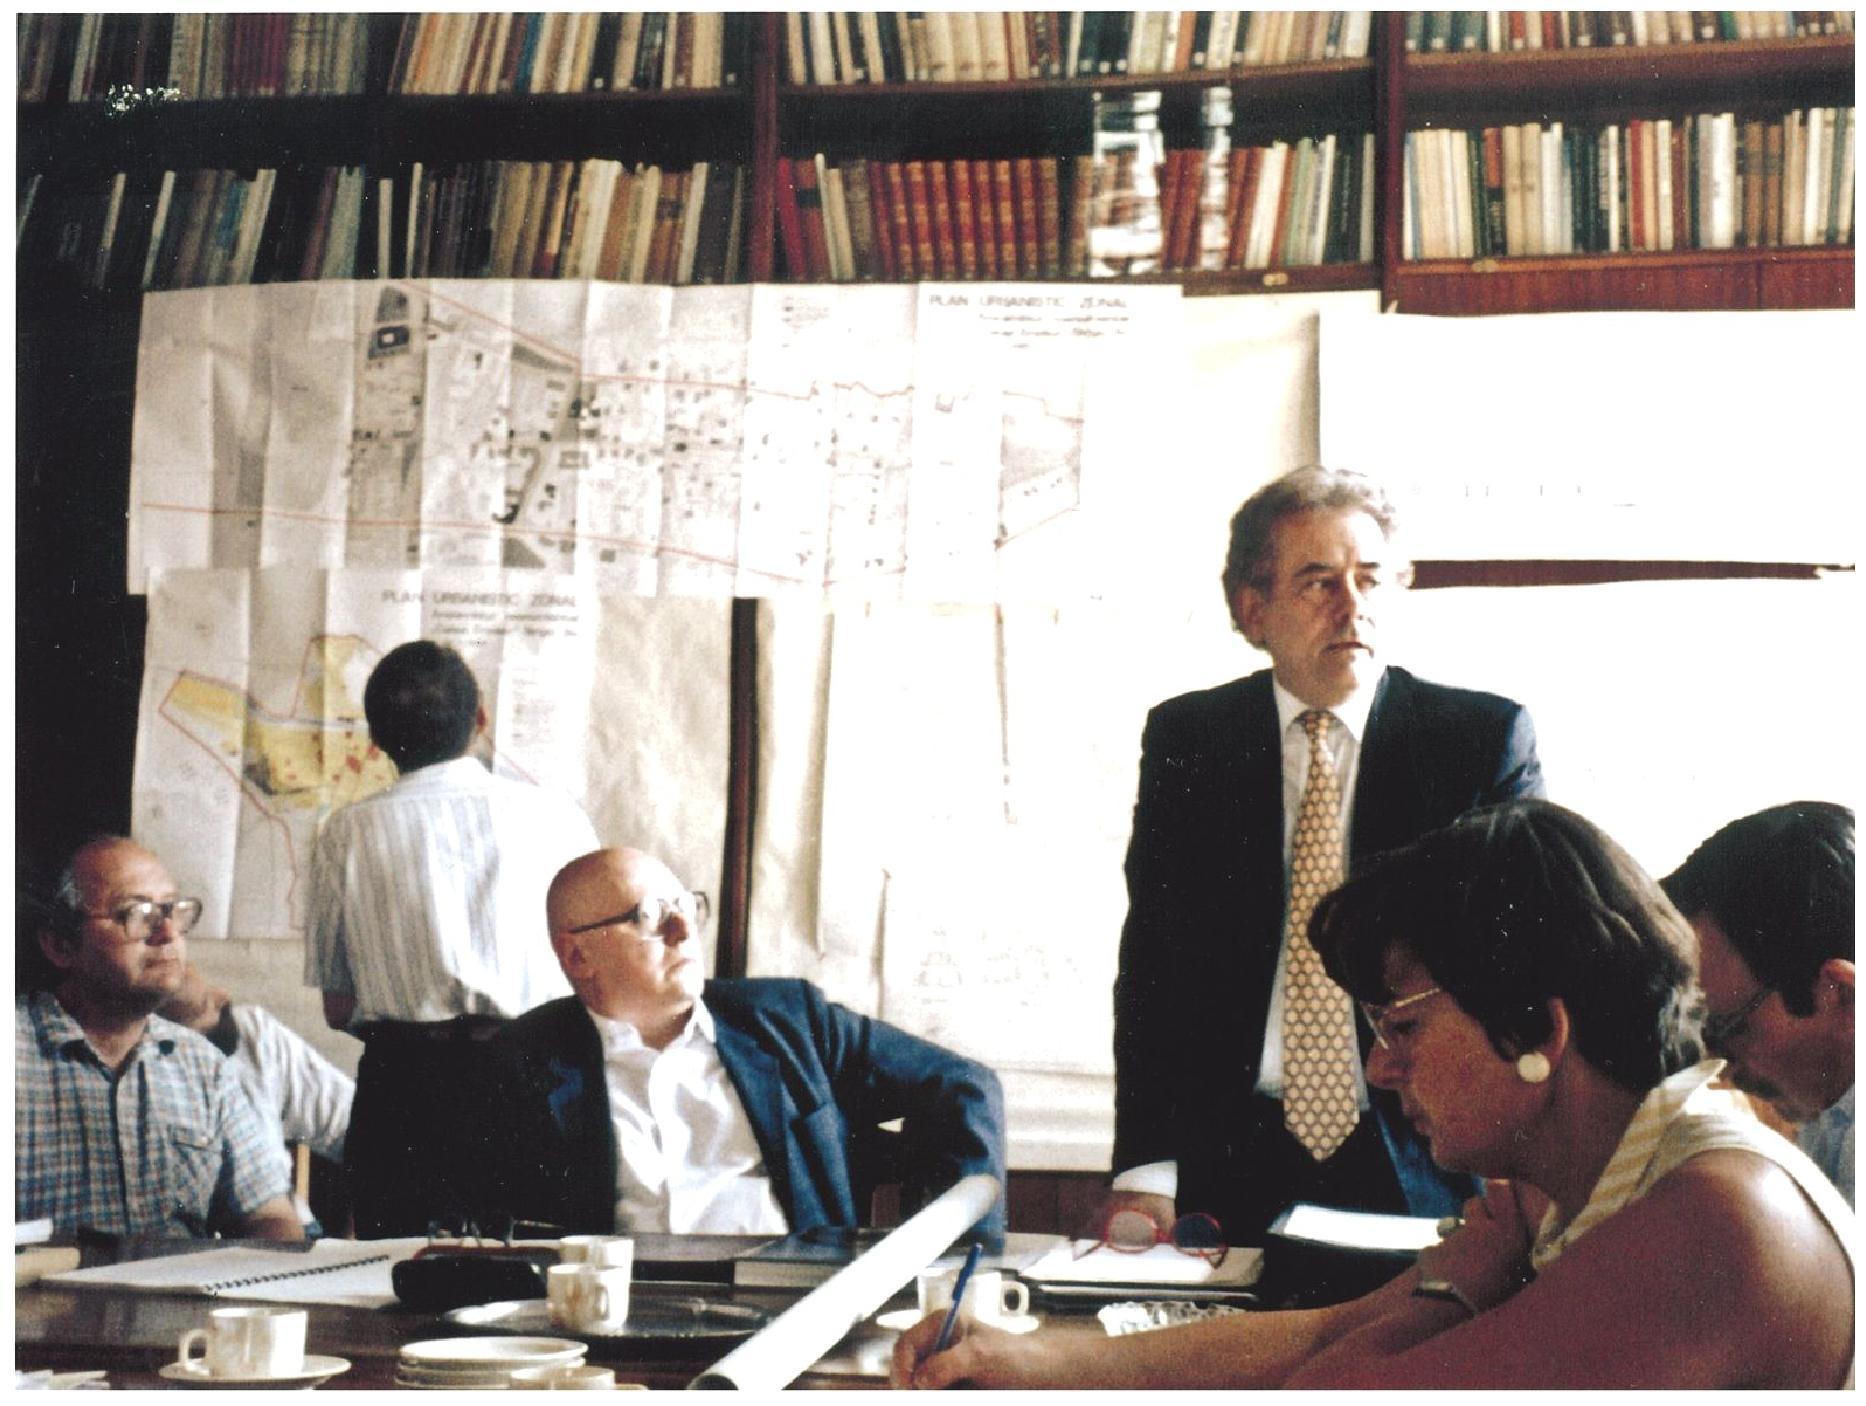 28 iulie 1994: Comisia Naţională a Monumentelor Istorice aprobă Proiectul de Restaurare al Fundaţiei Internaţionale Constantin Brâncuşi